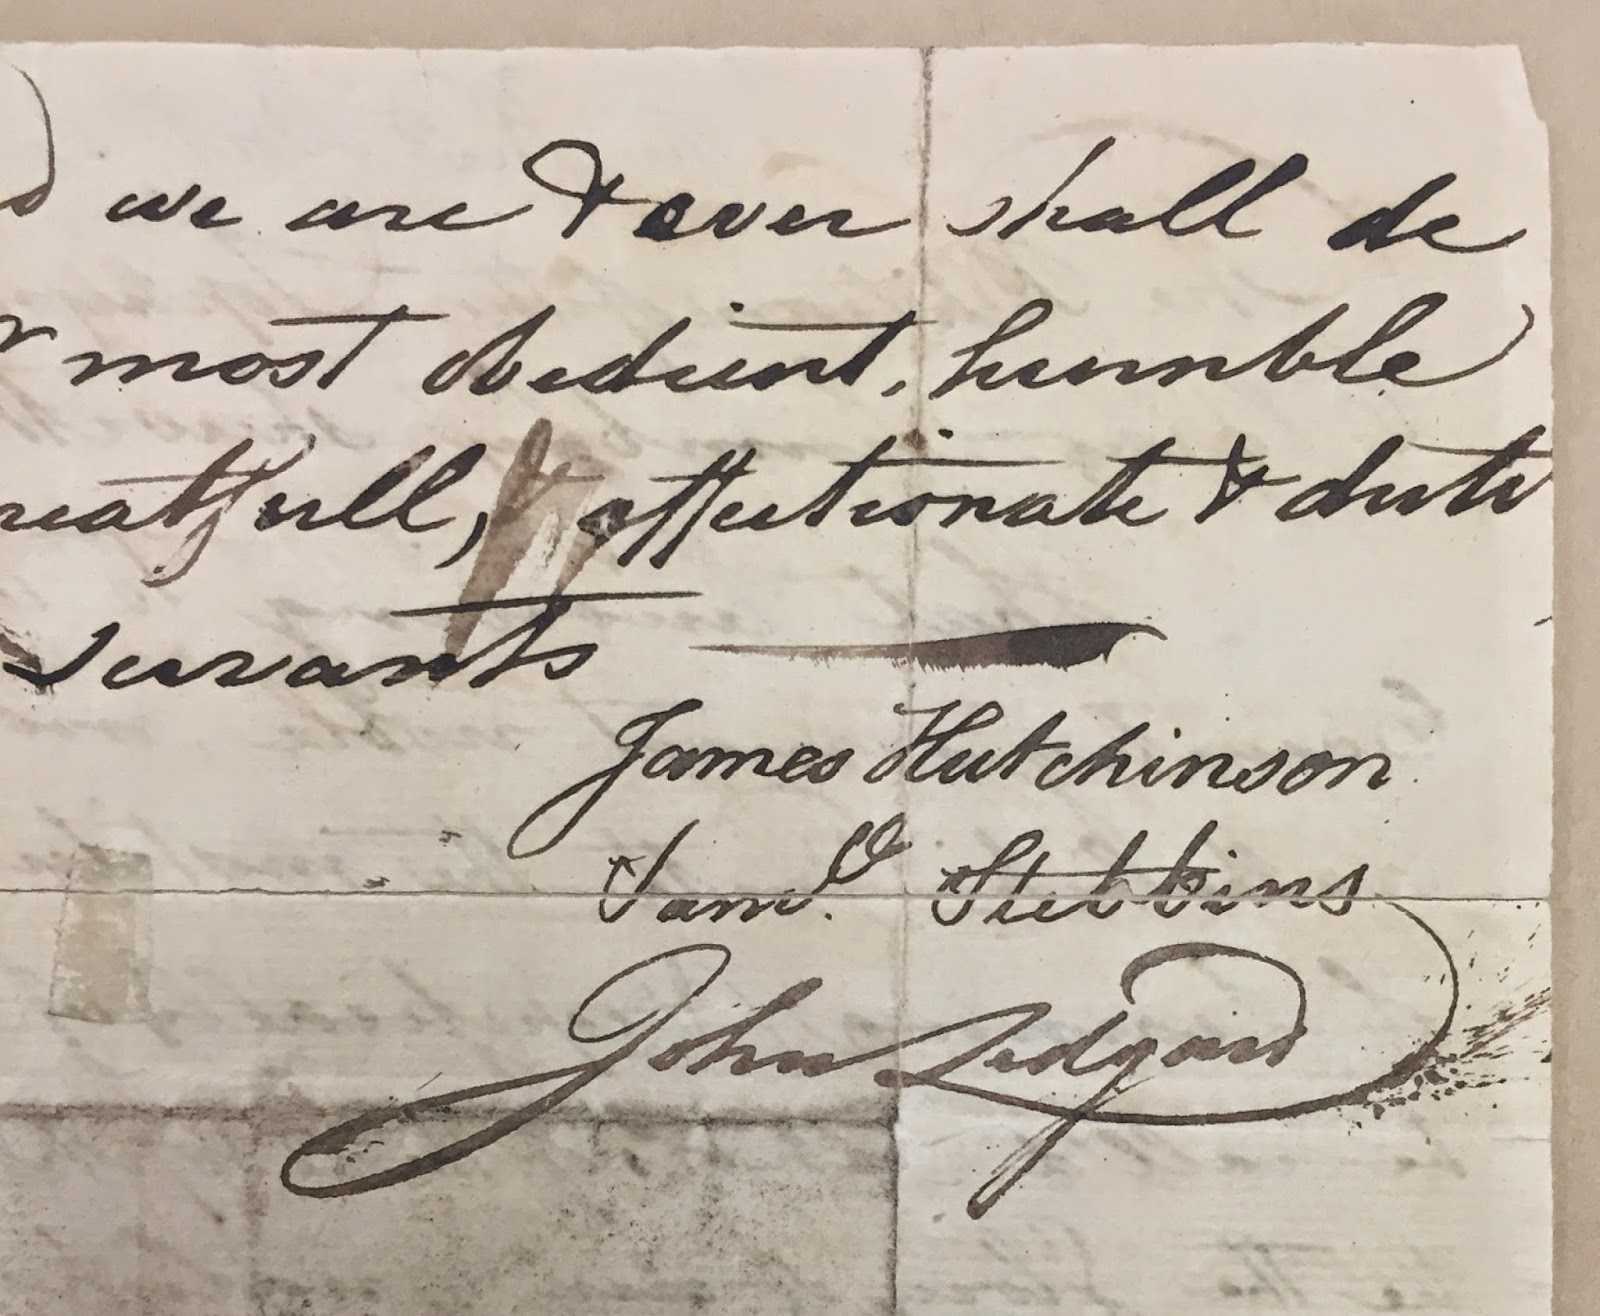 A block of handwritten text.